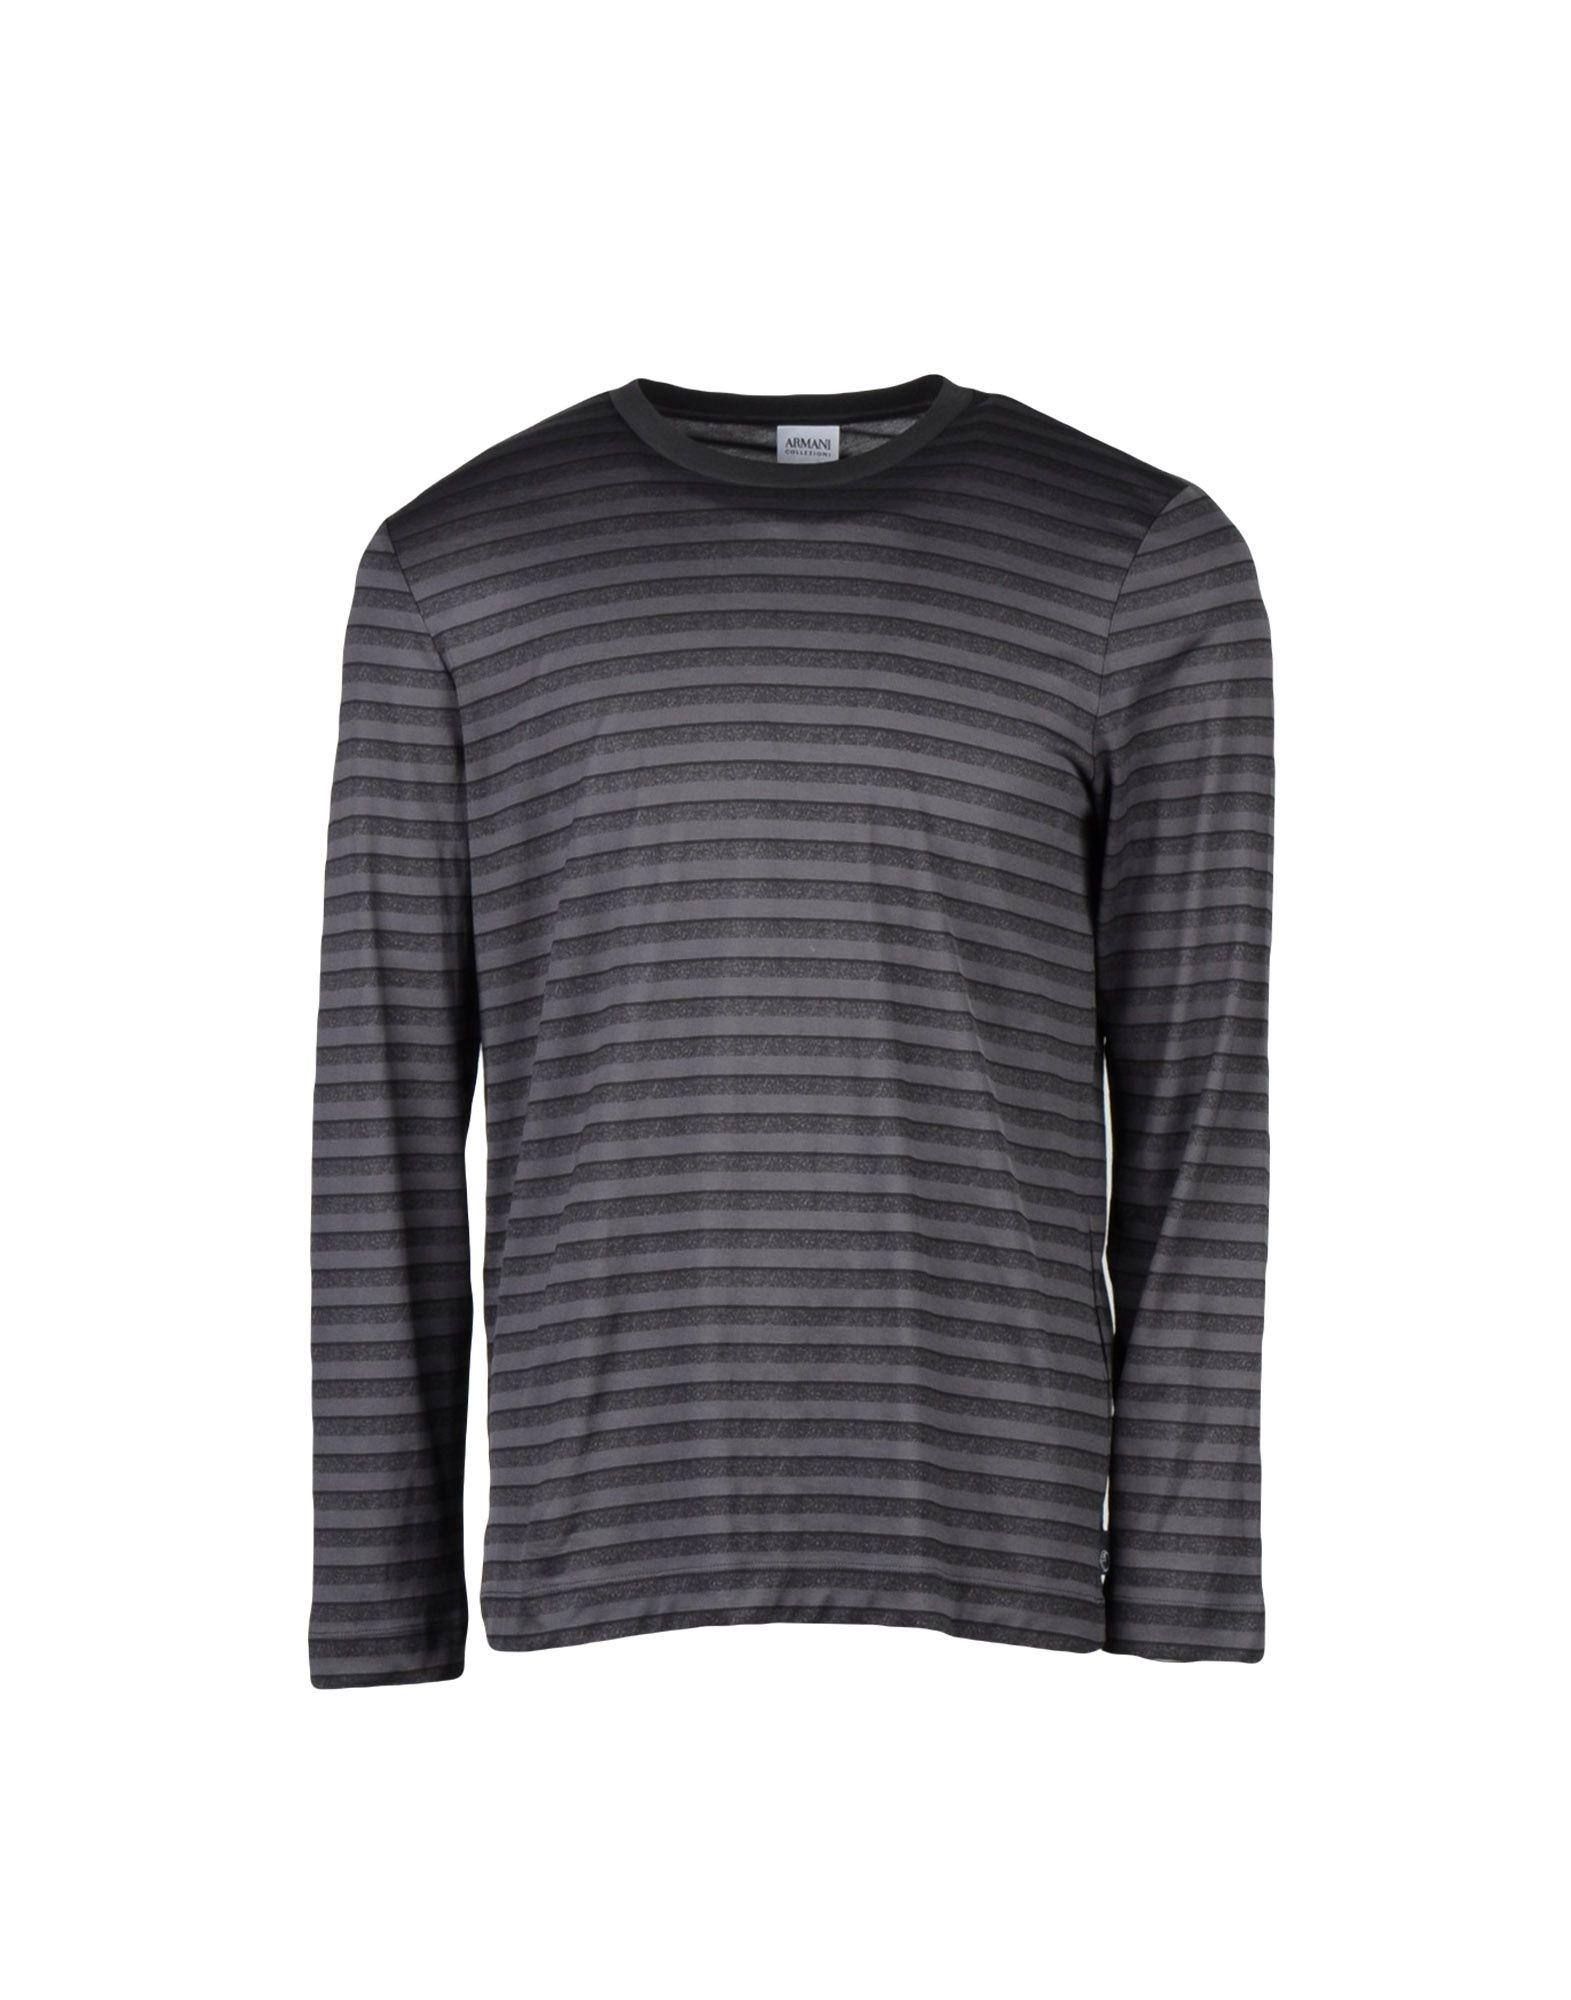 0ae68bb94d48 Armani Collezioni T-Shirts for Men - Armani Collezioni T-Shirts And Tops |  YOOX